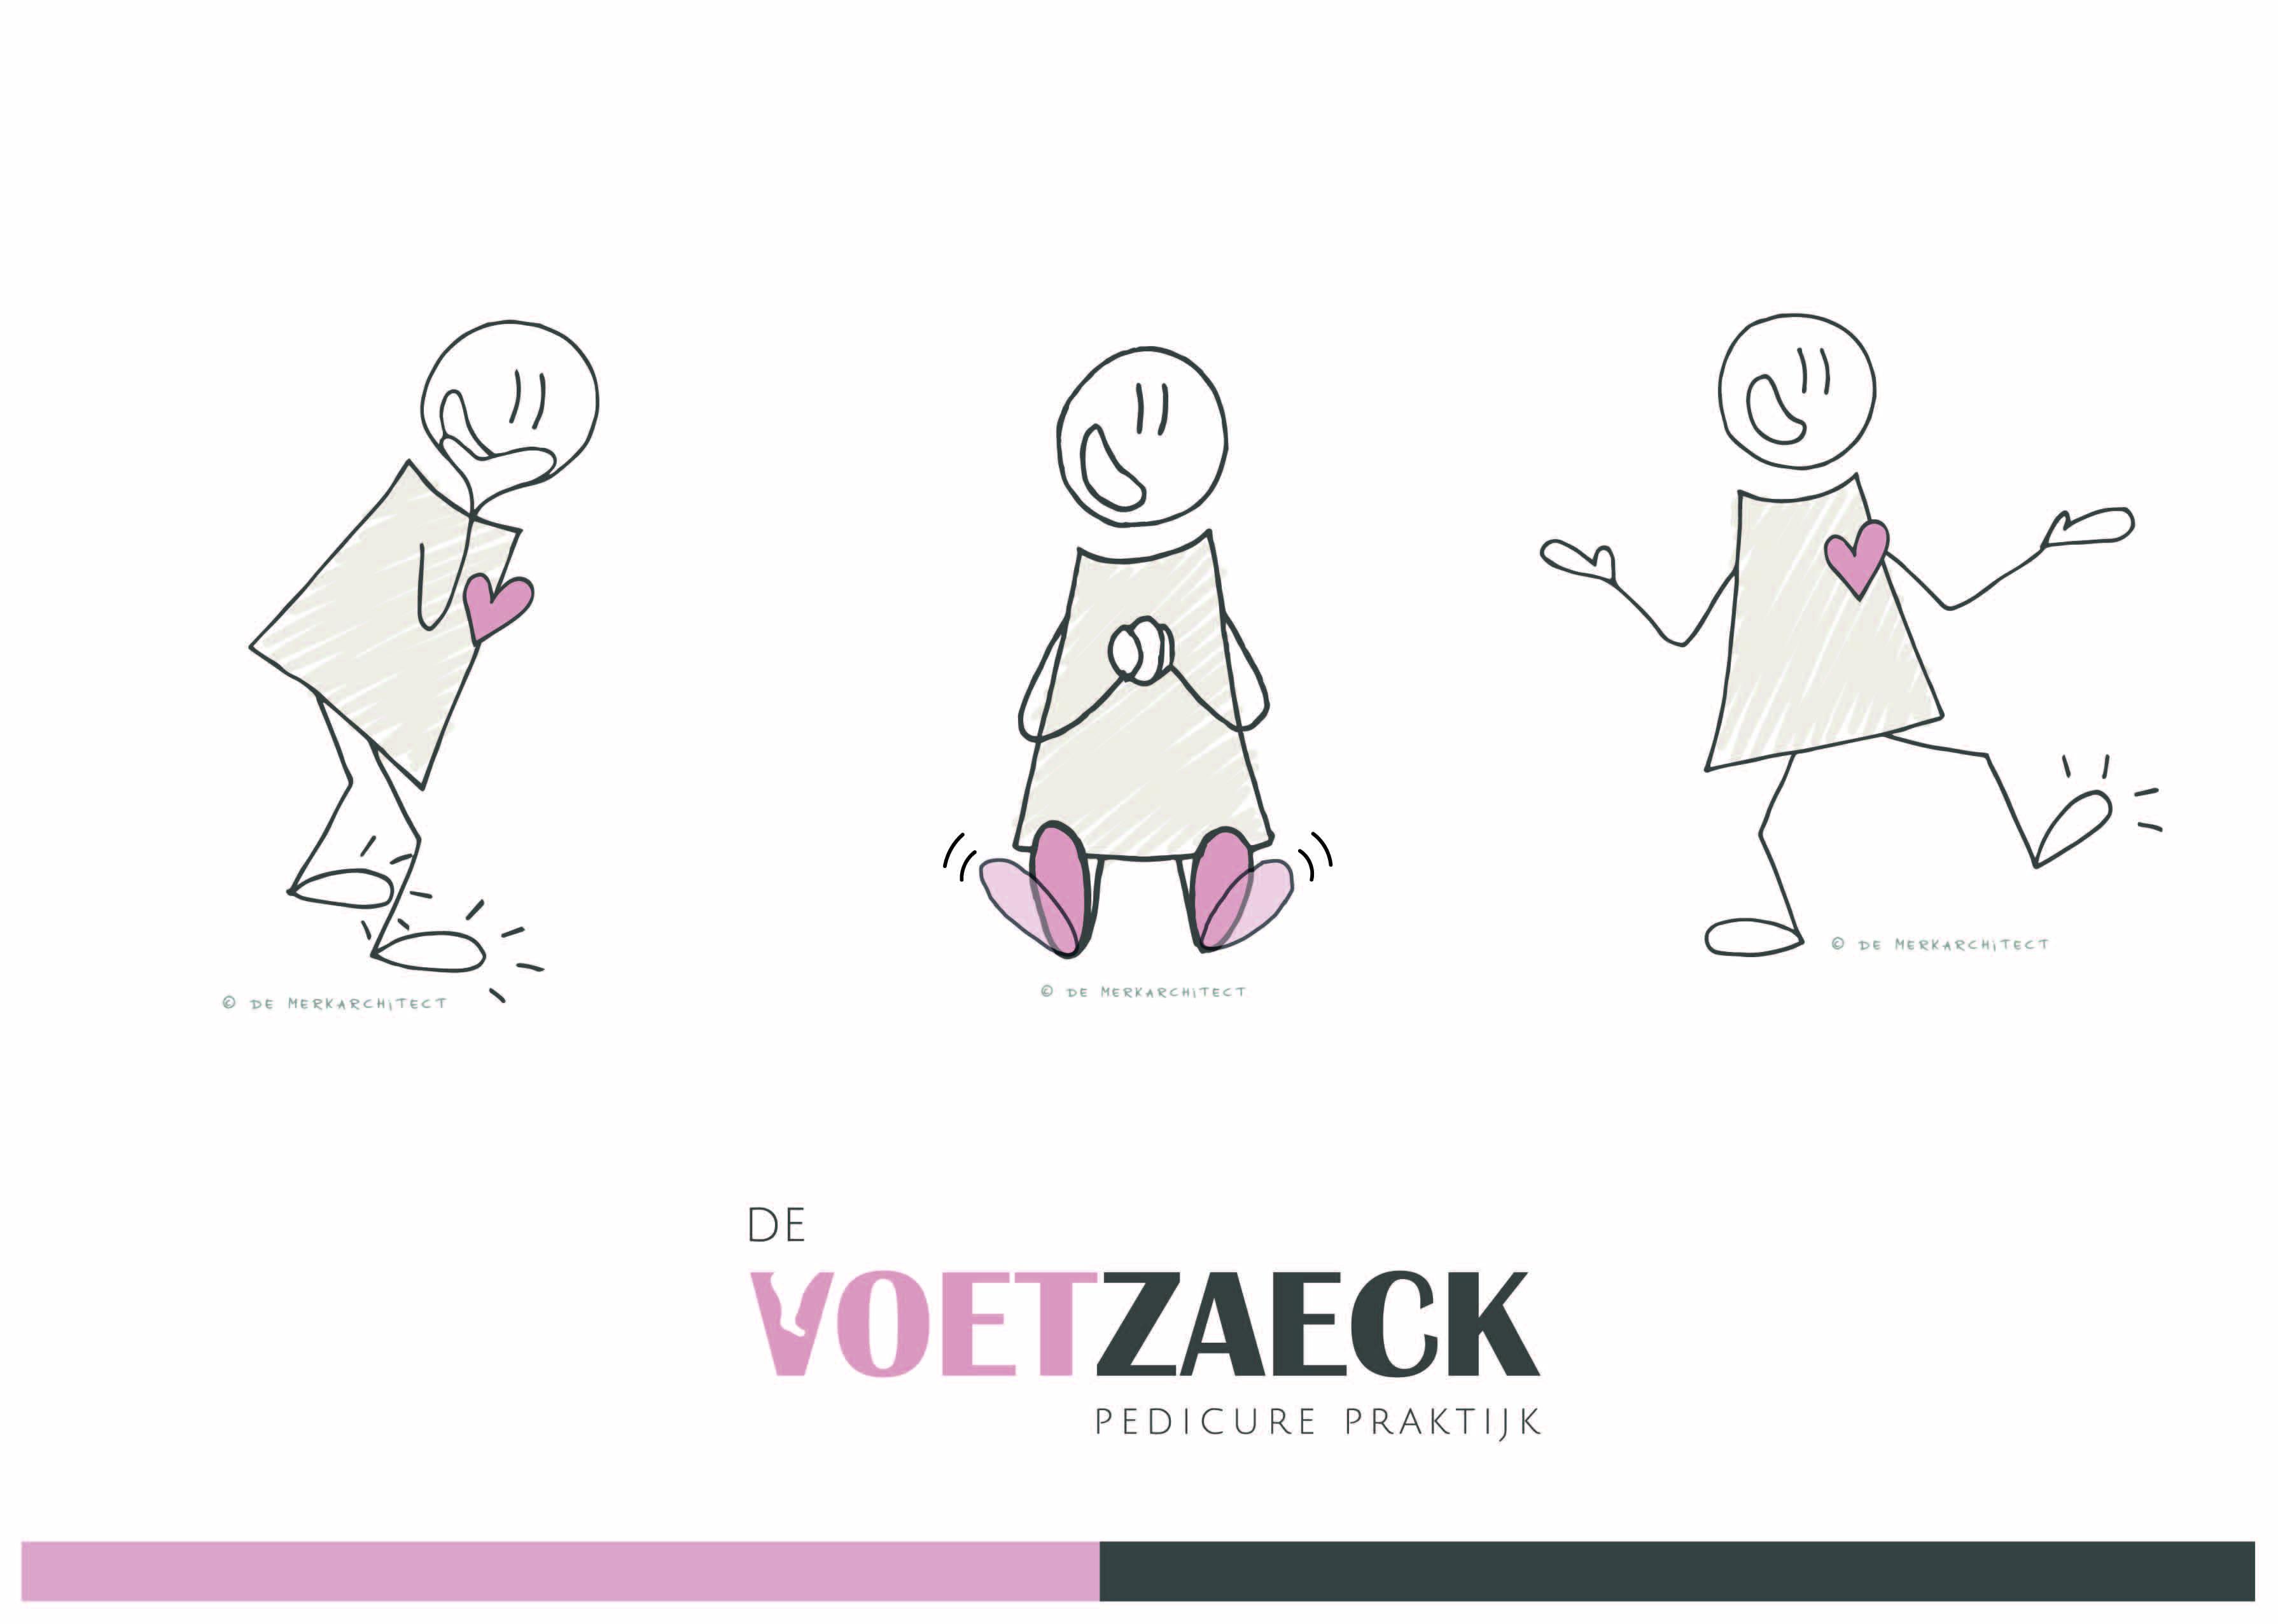 merkarchitect, Leonie Haas, visueel vertaler, illustration, design, vormgeving, illustratie, tekenen, visual, visualisatie, maatschappij, medisch, animatie, positieve gezondheid